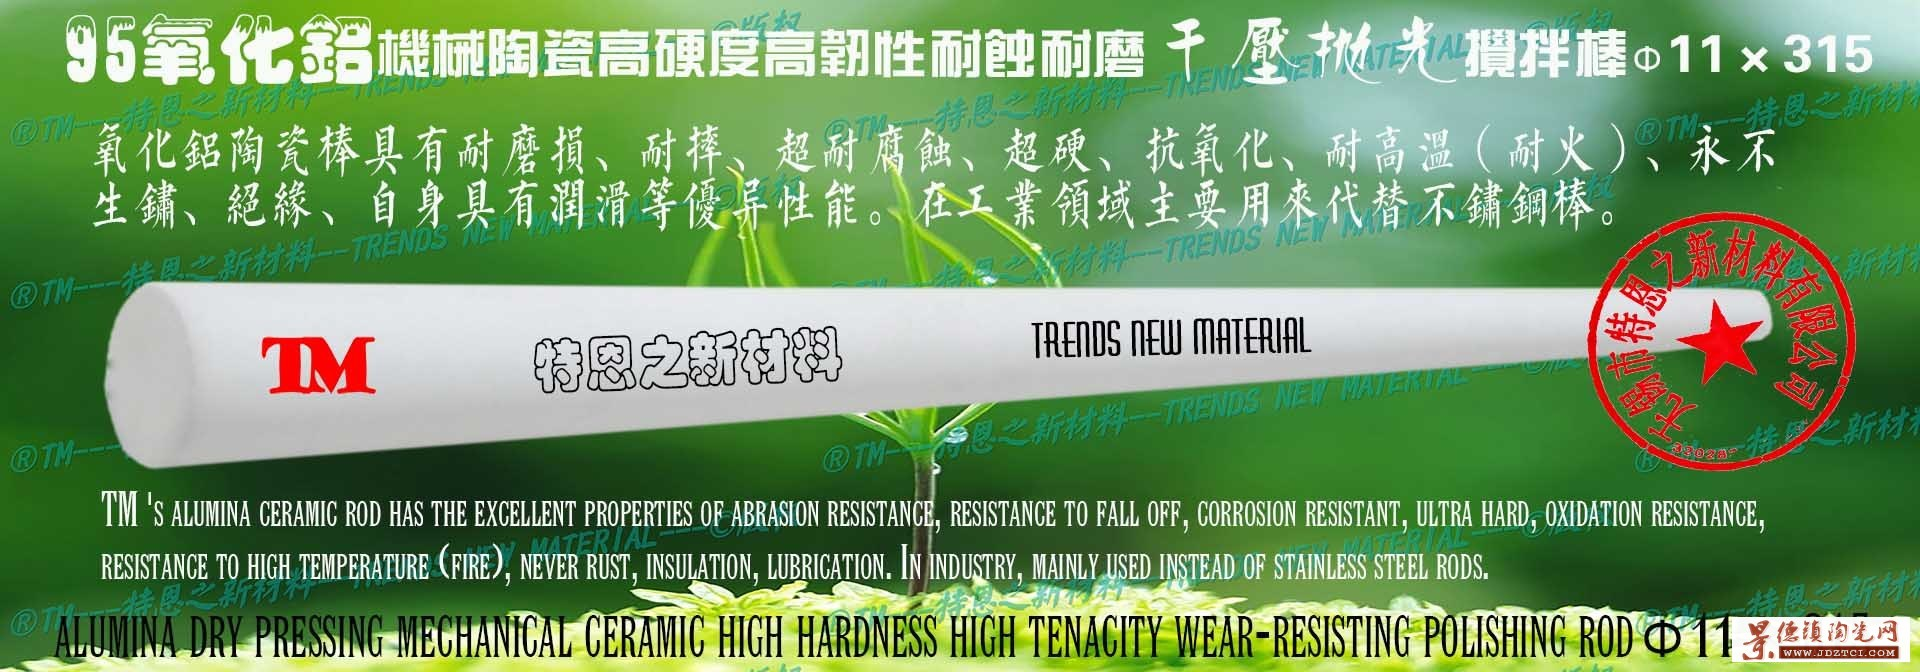 95氧化铝干压机械陶瓷高硬度高韧性耐蚀耐磨抛光搅拌棒φ11×315